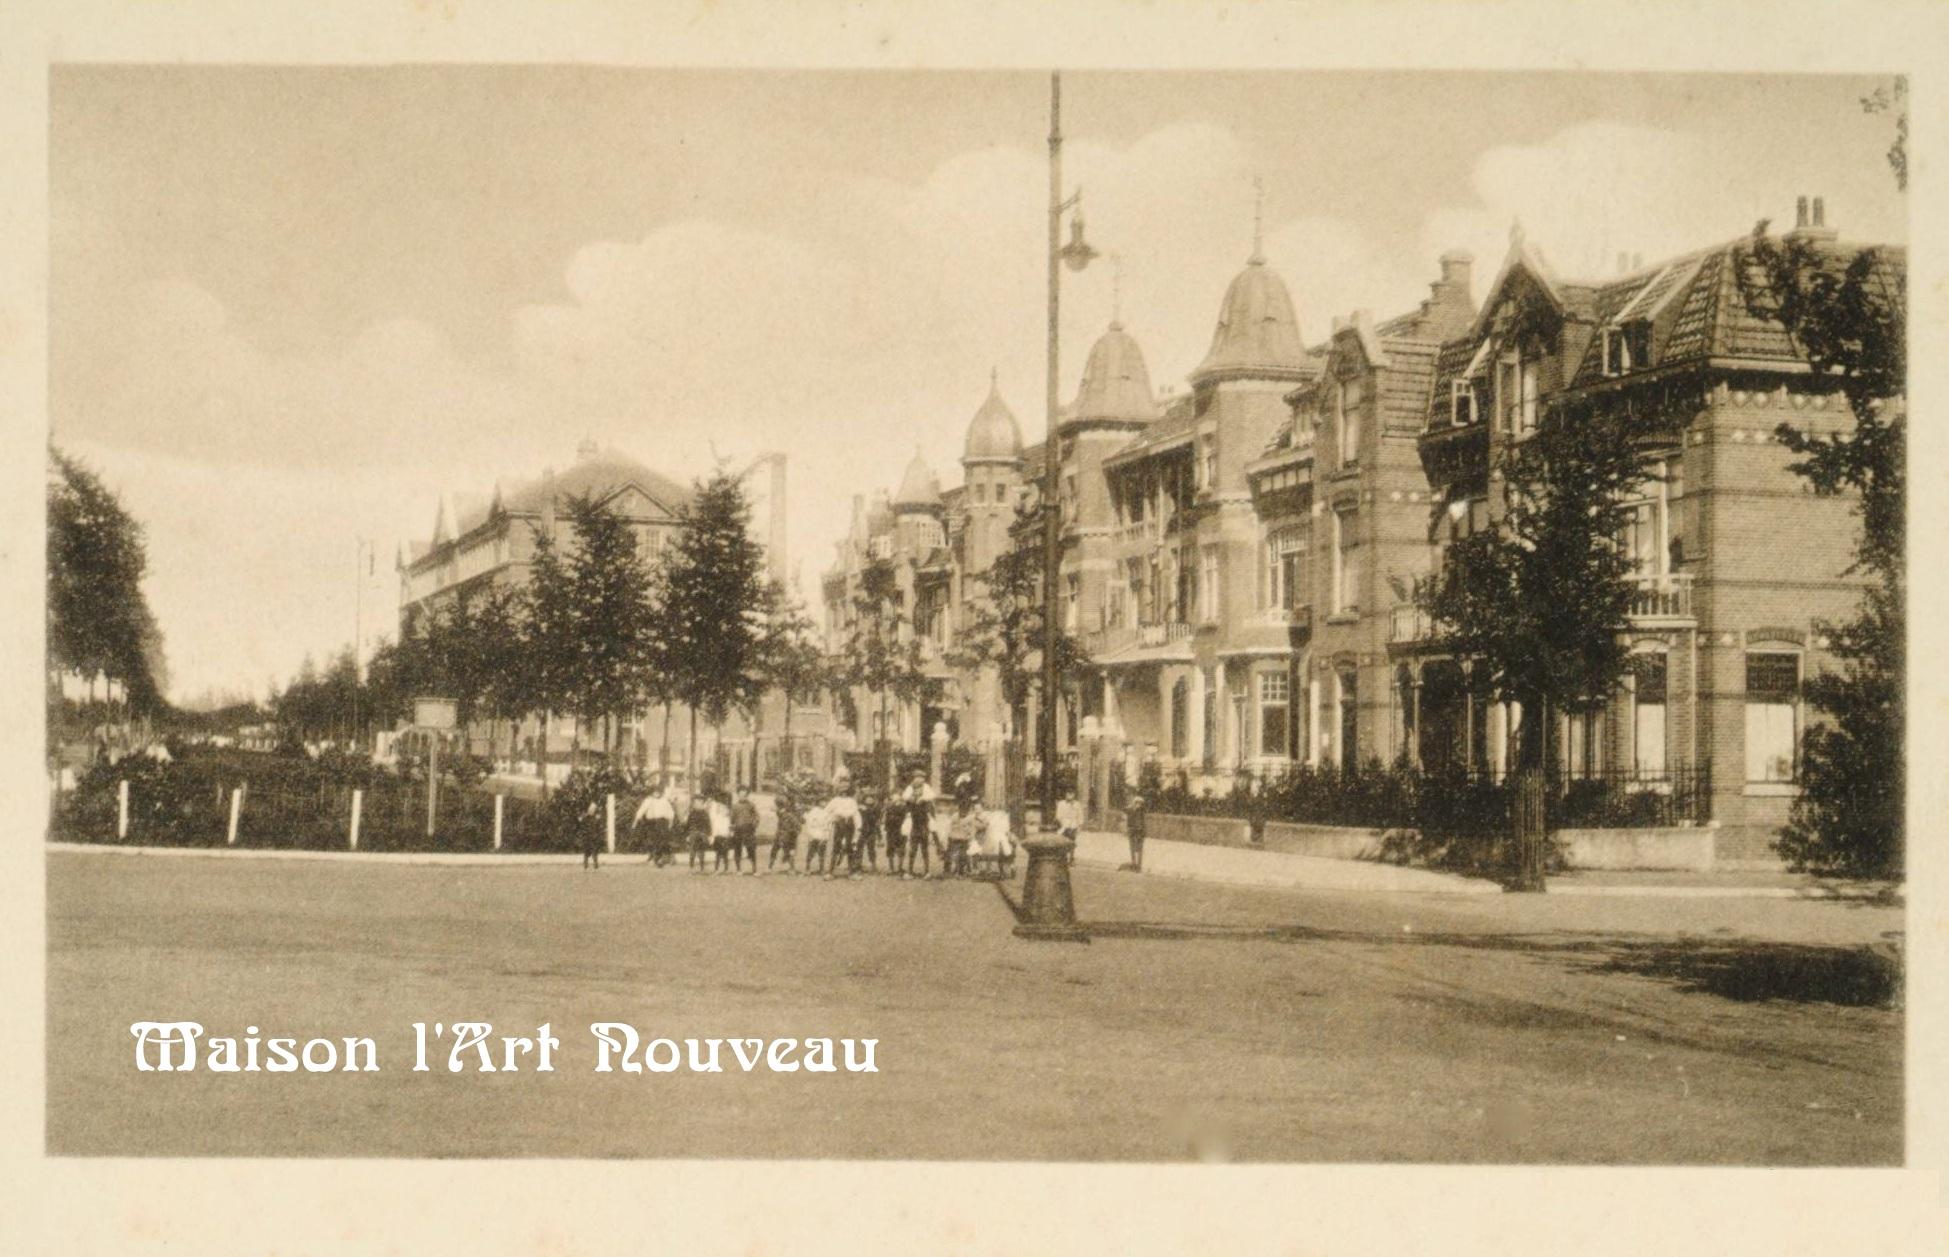 Maison de l 39 art nouveau related keywords maison de l 39 art - Maison de l art nouveau ...